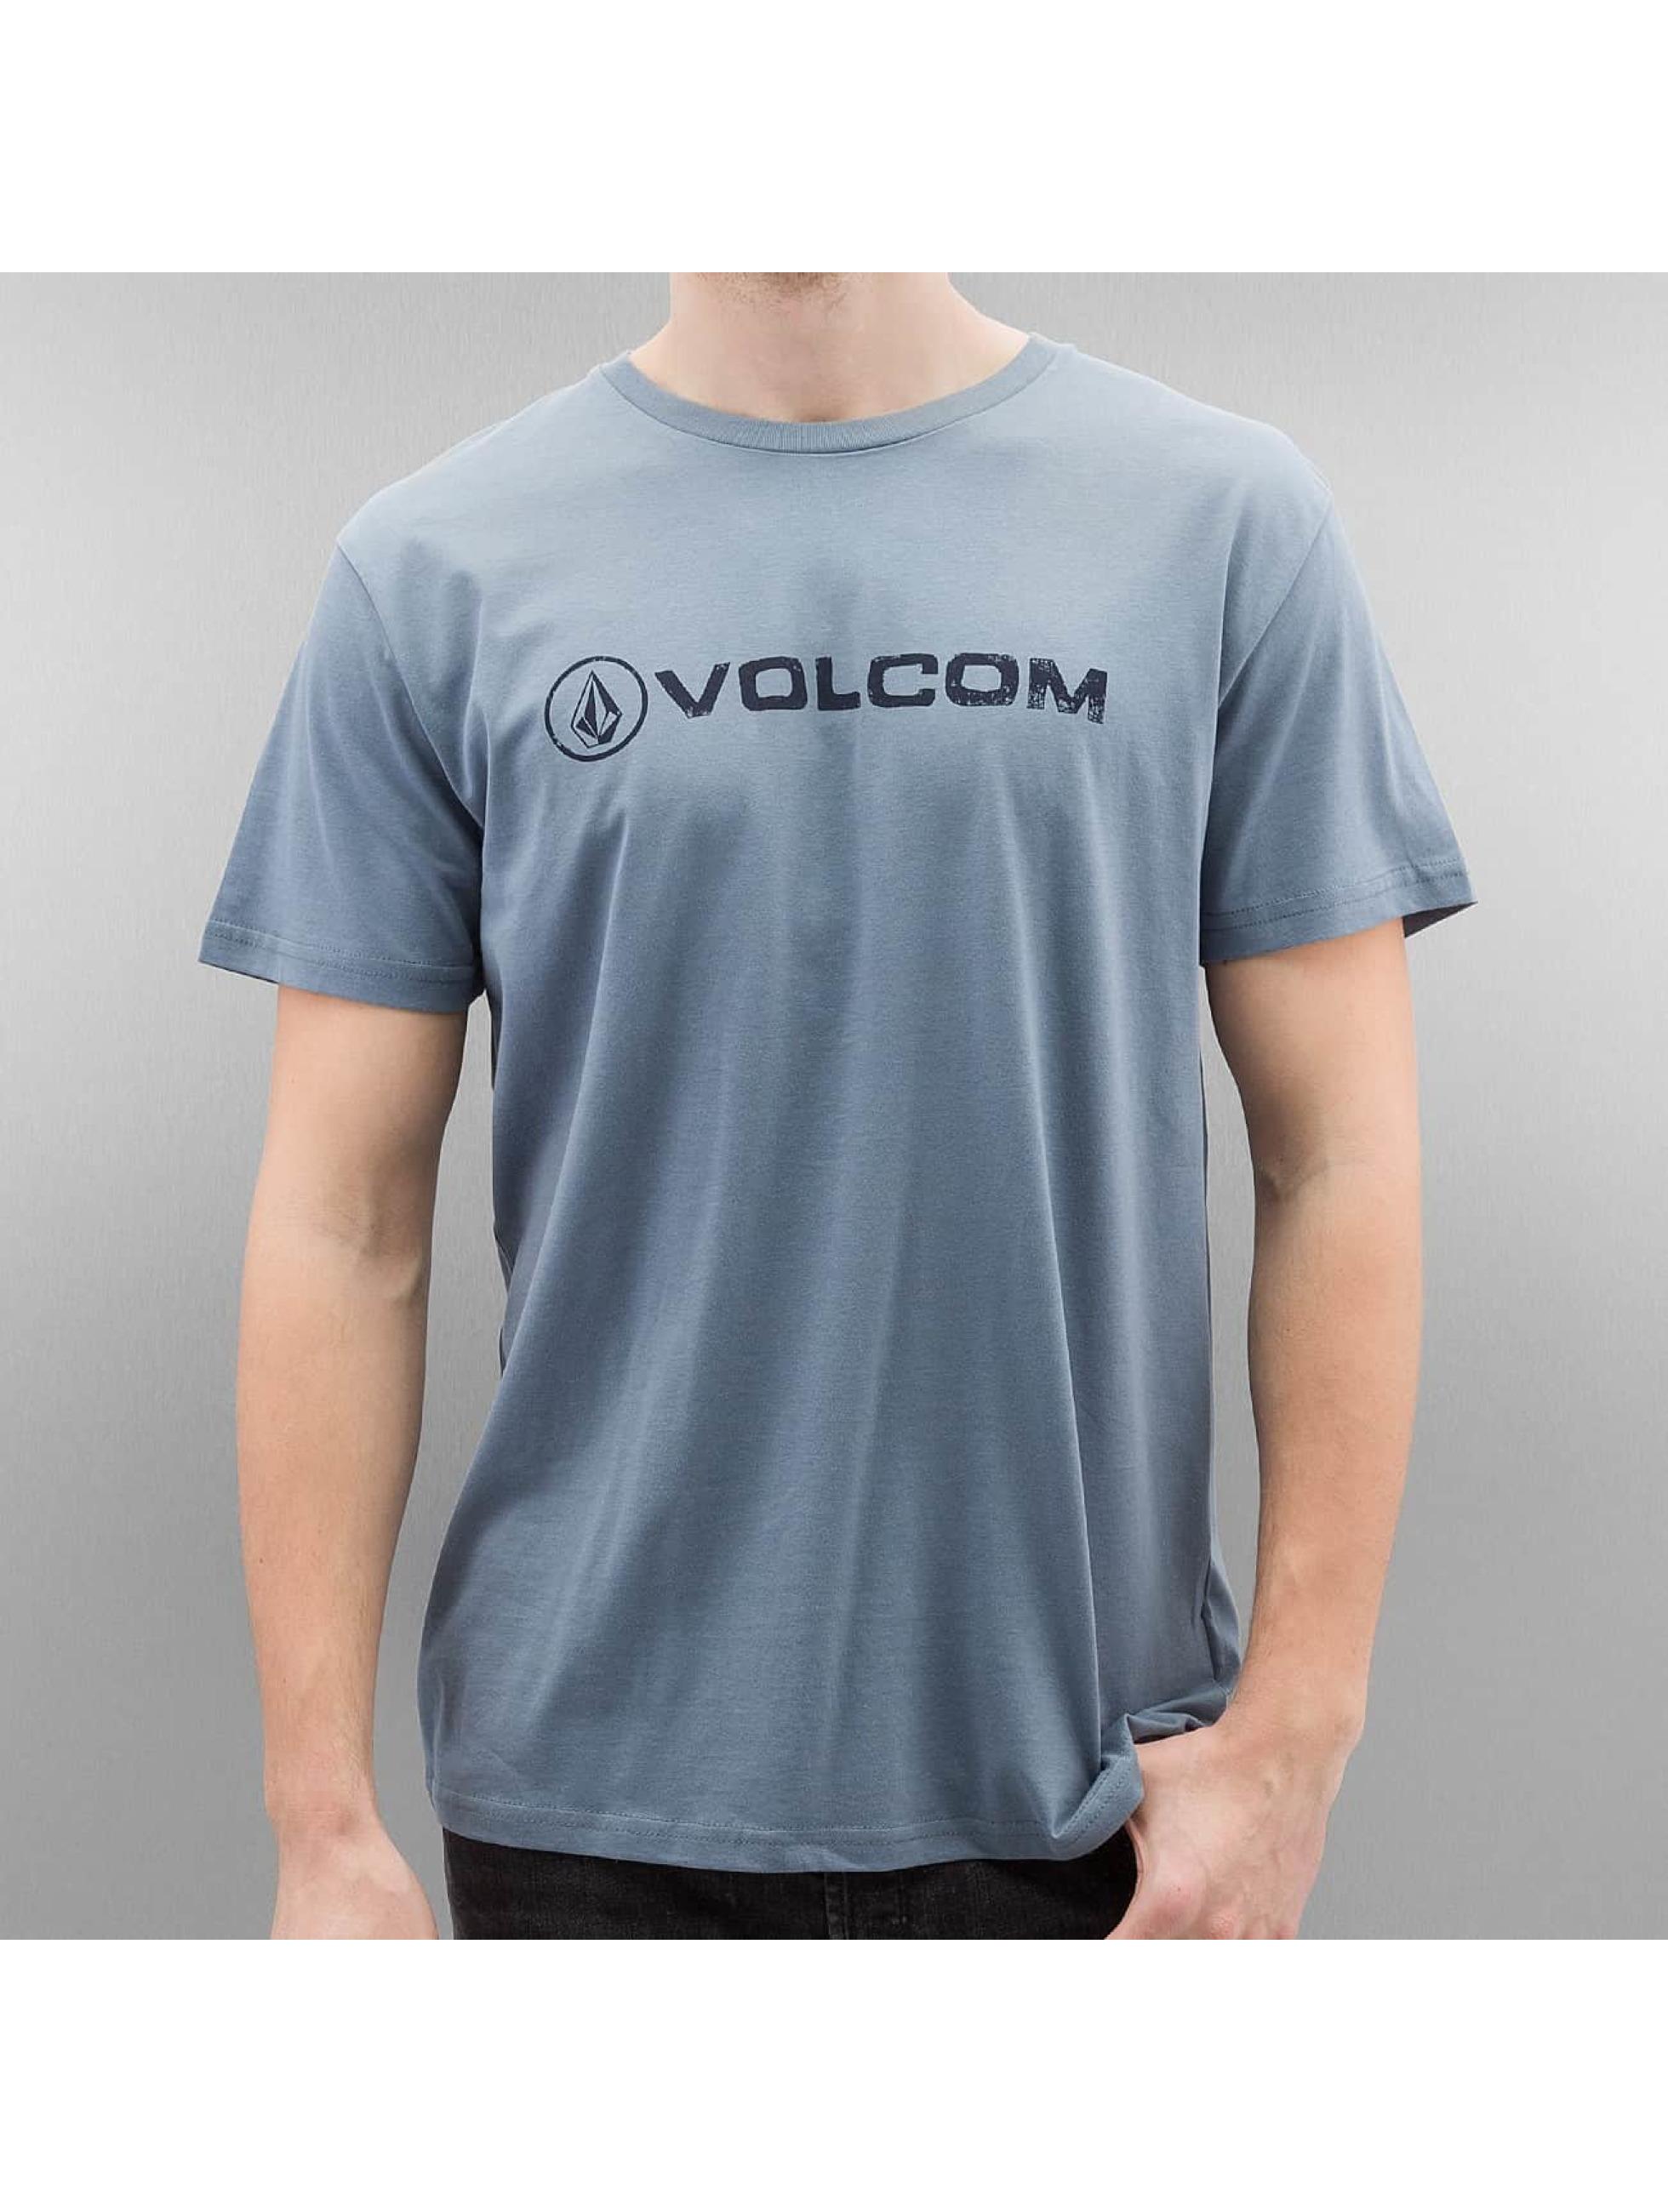 Volcom-Uomini-Maglieria-T-shirt-Linoeuro-Basic